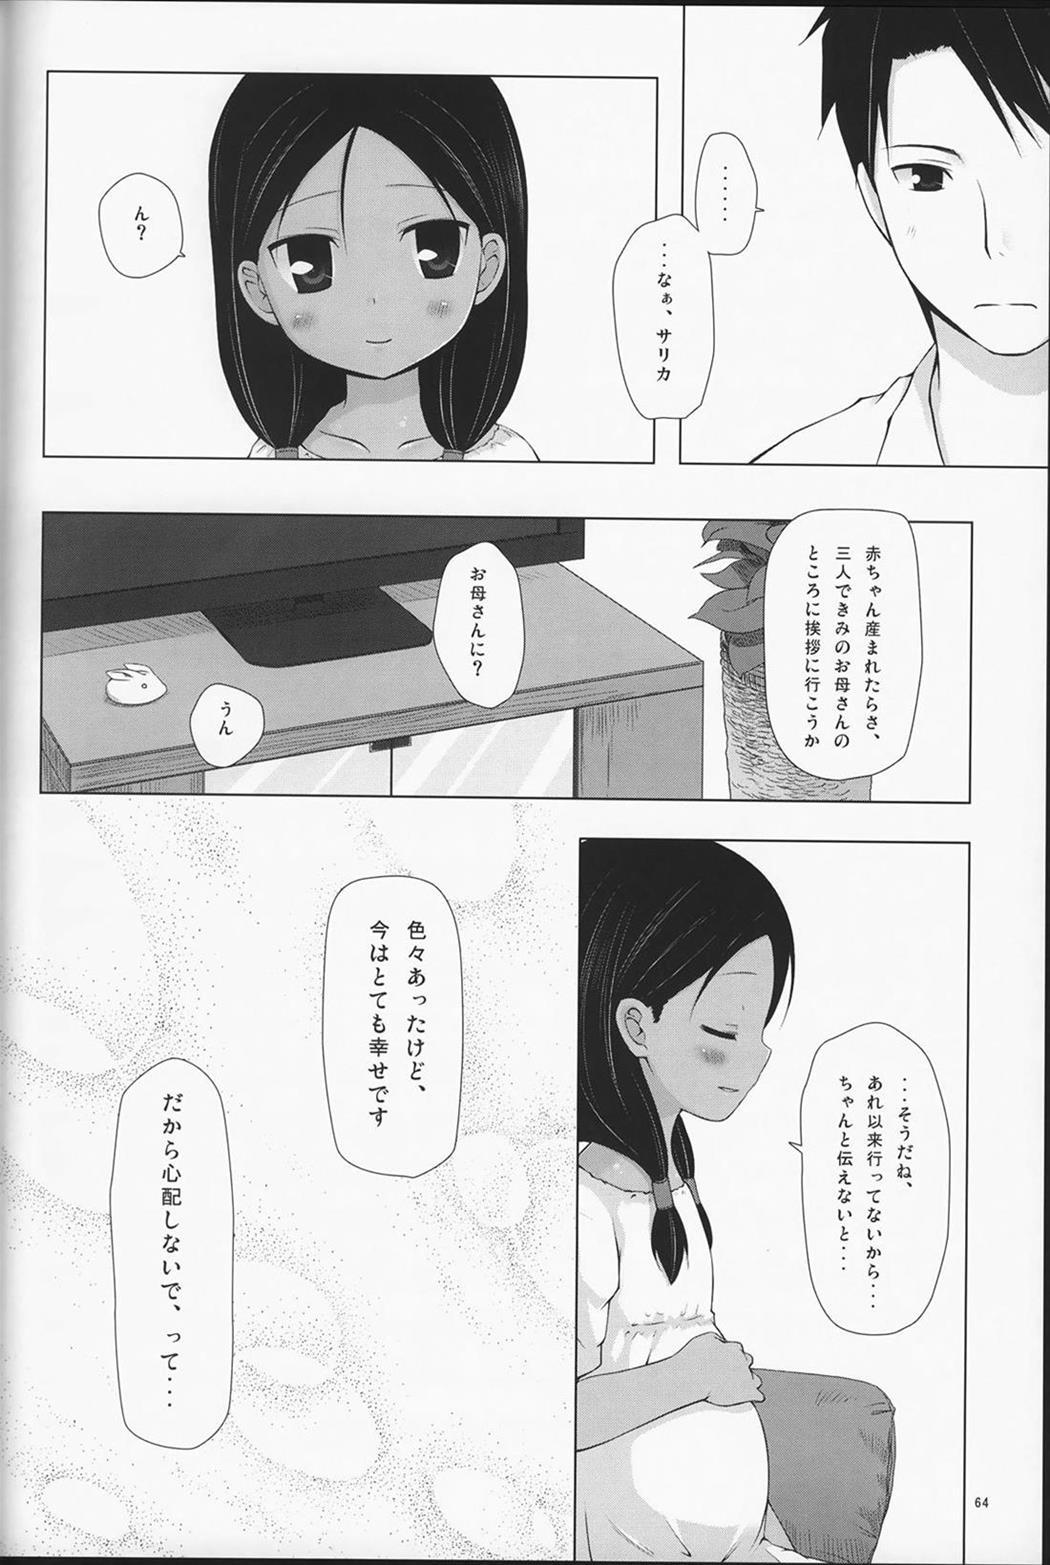 【エロ漫画・エロ同人誌】異国で父親に売られて売春する羽目になったロリ少女wひたすらお客とエッチしてる毎日を送ってたら日本人の男に助けられ日本に来てもセックス依存がぬけてないwww (64)